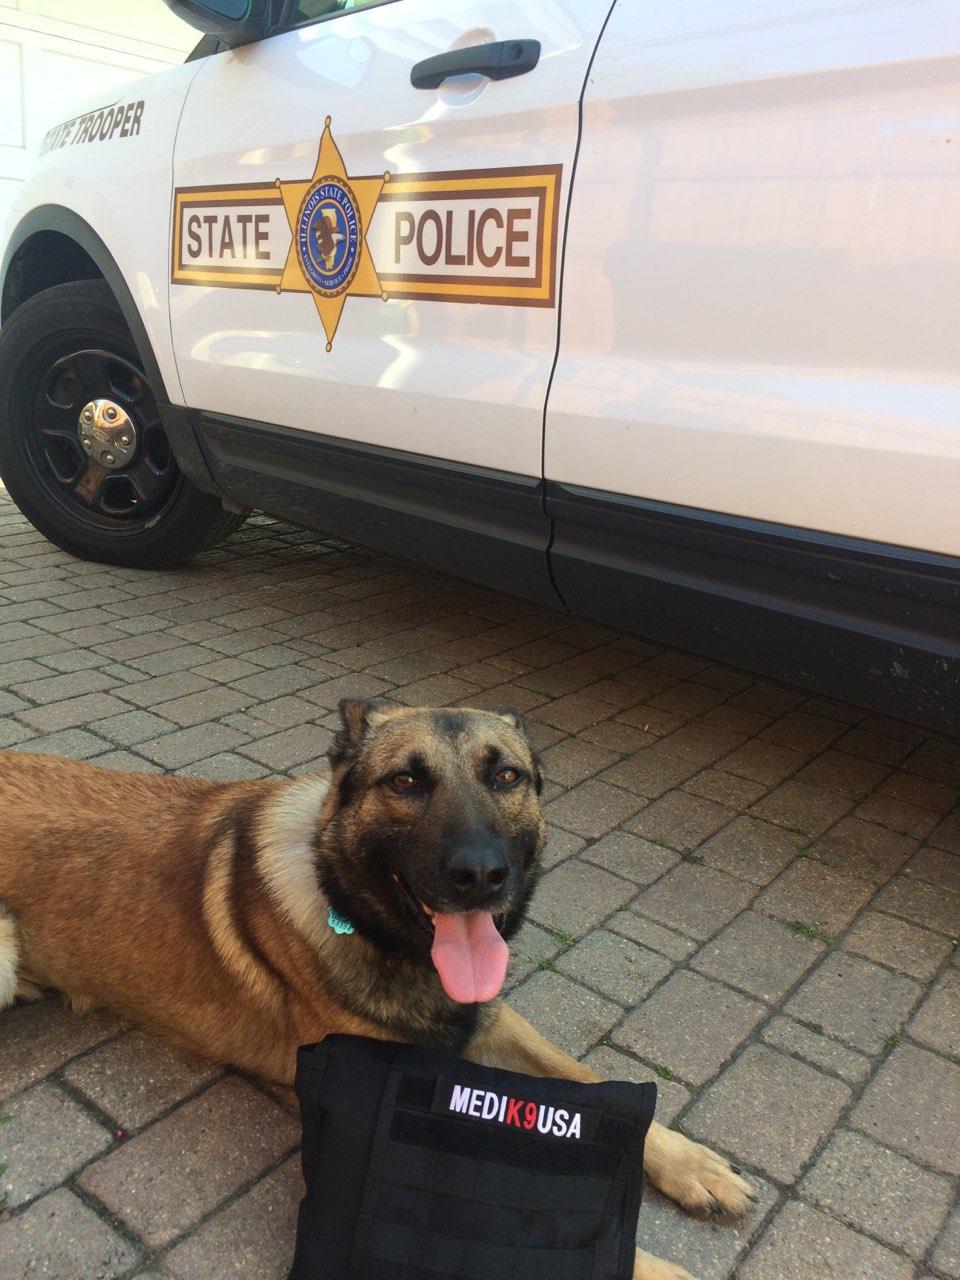 5/14/18 - K9 Biko of the Illinois State Police